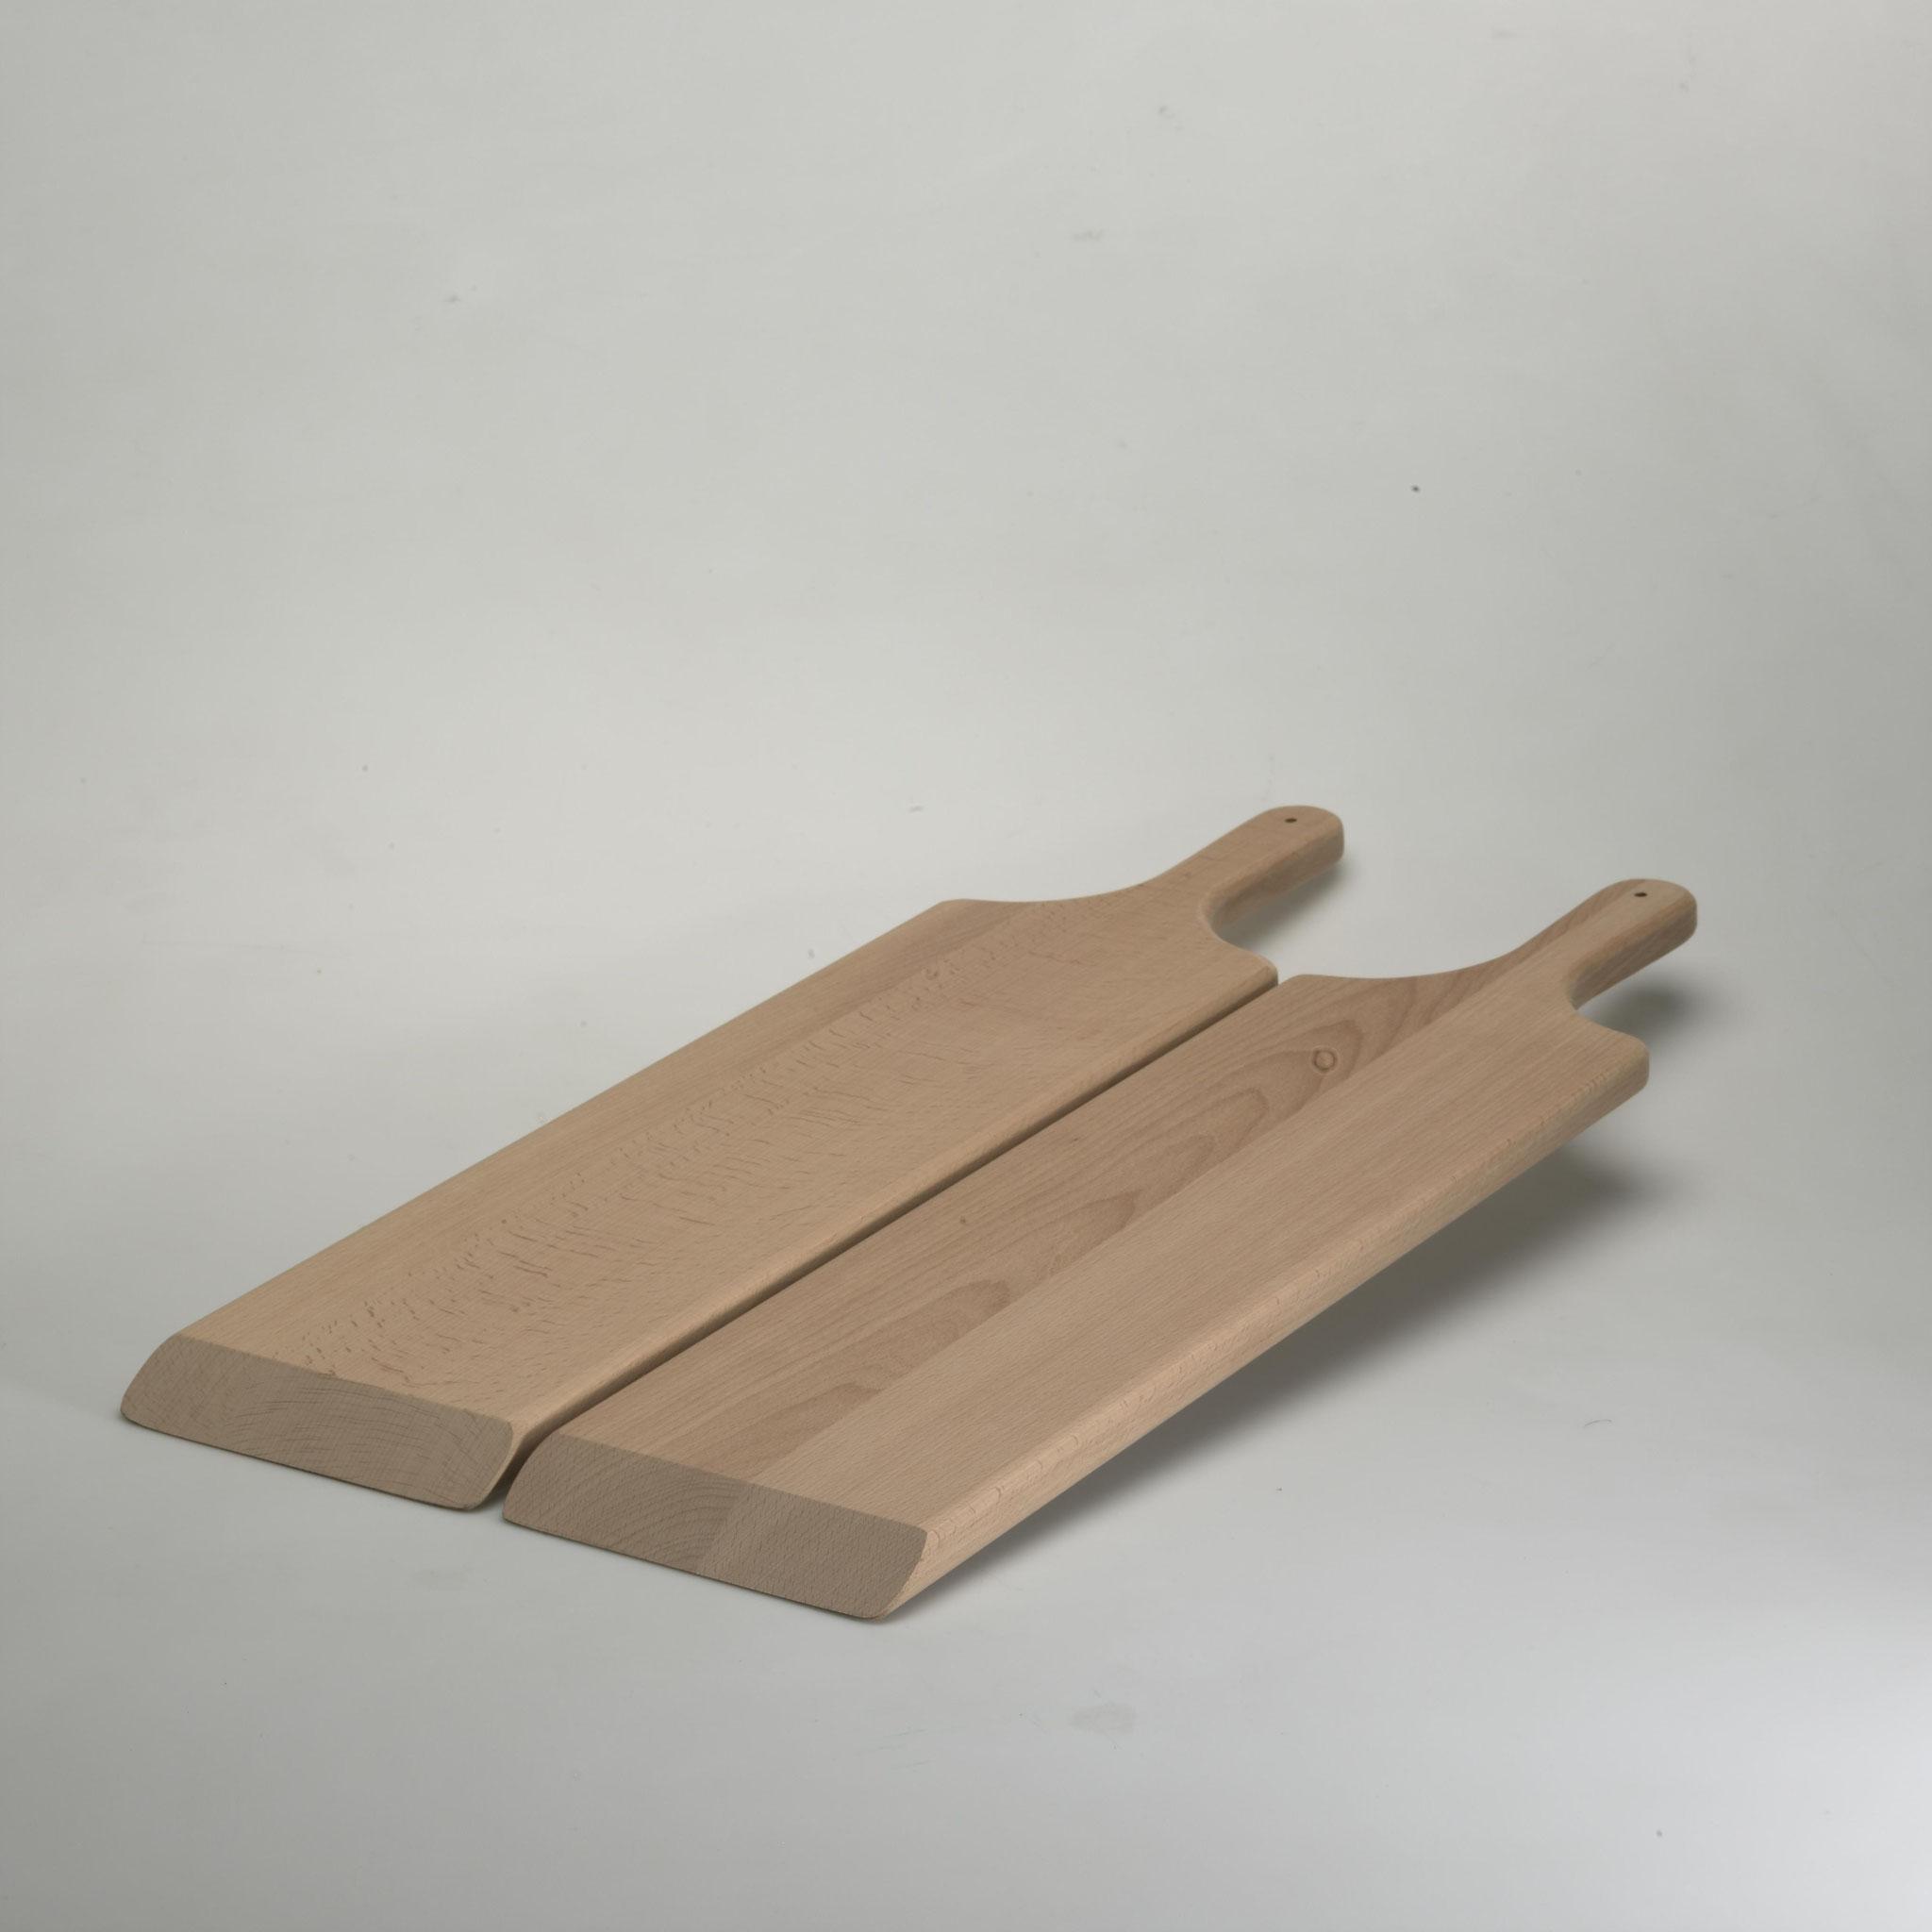 Pelle à défourner en bois de hêtre naturel 9402013